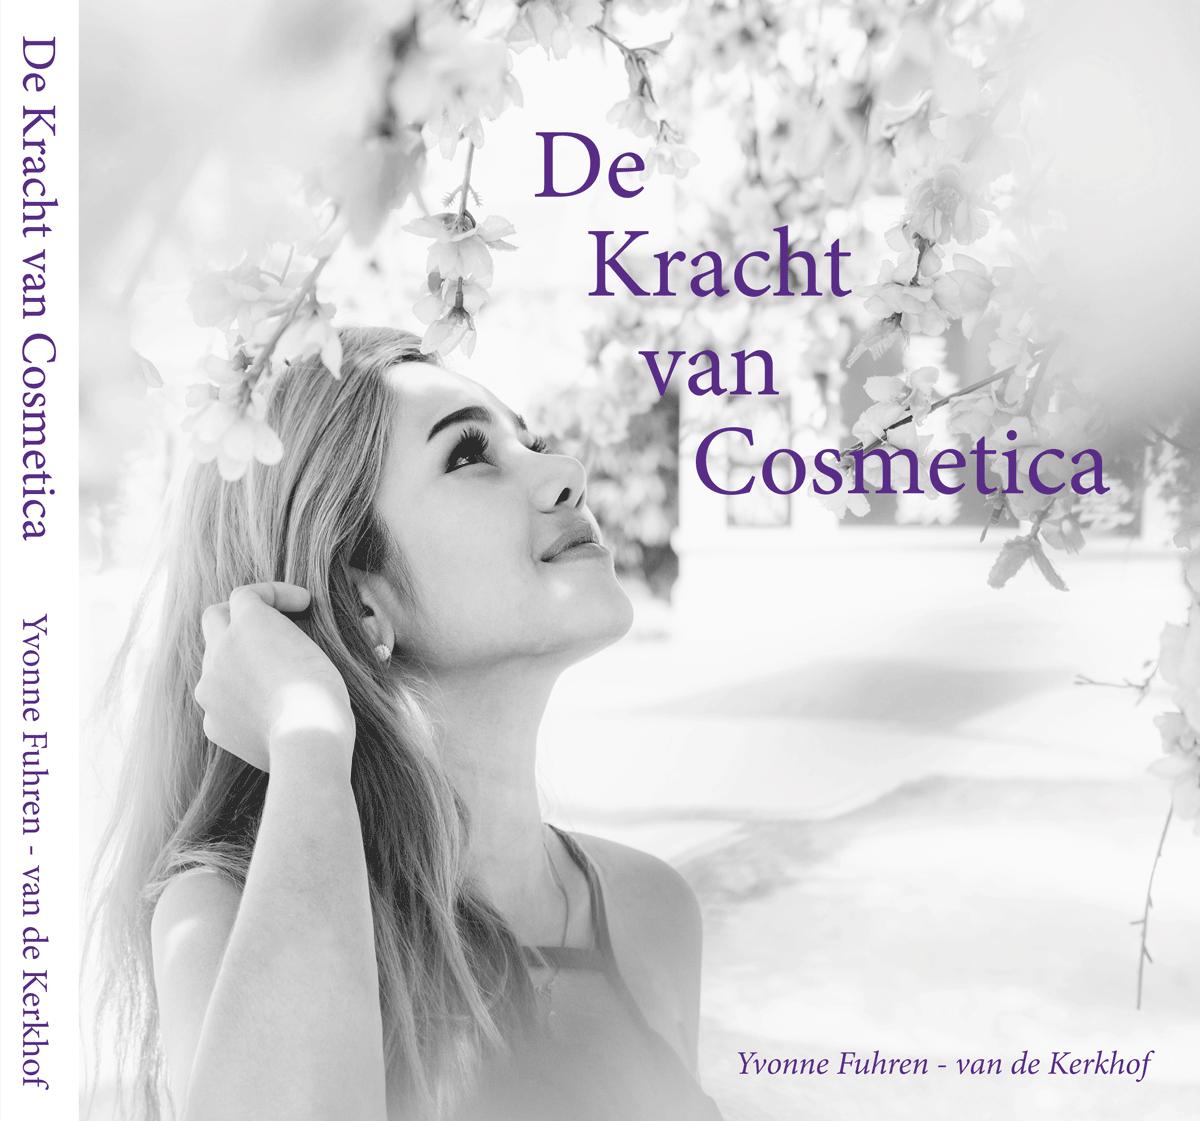 Boek - De Kracht van Cosmetica